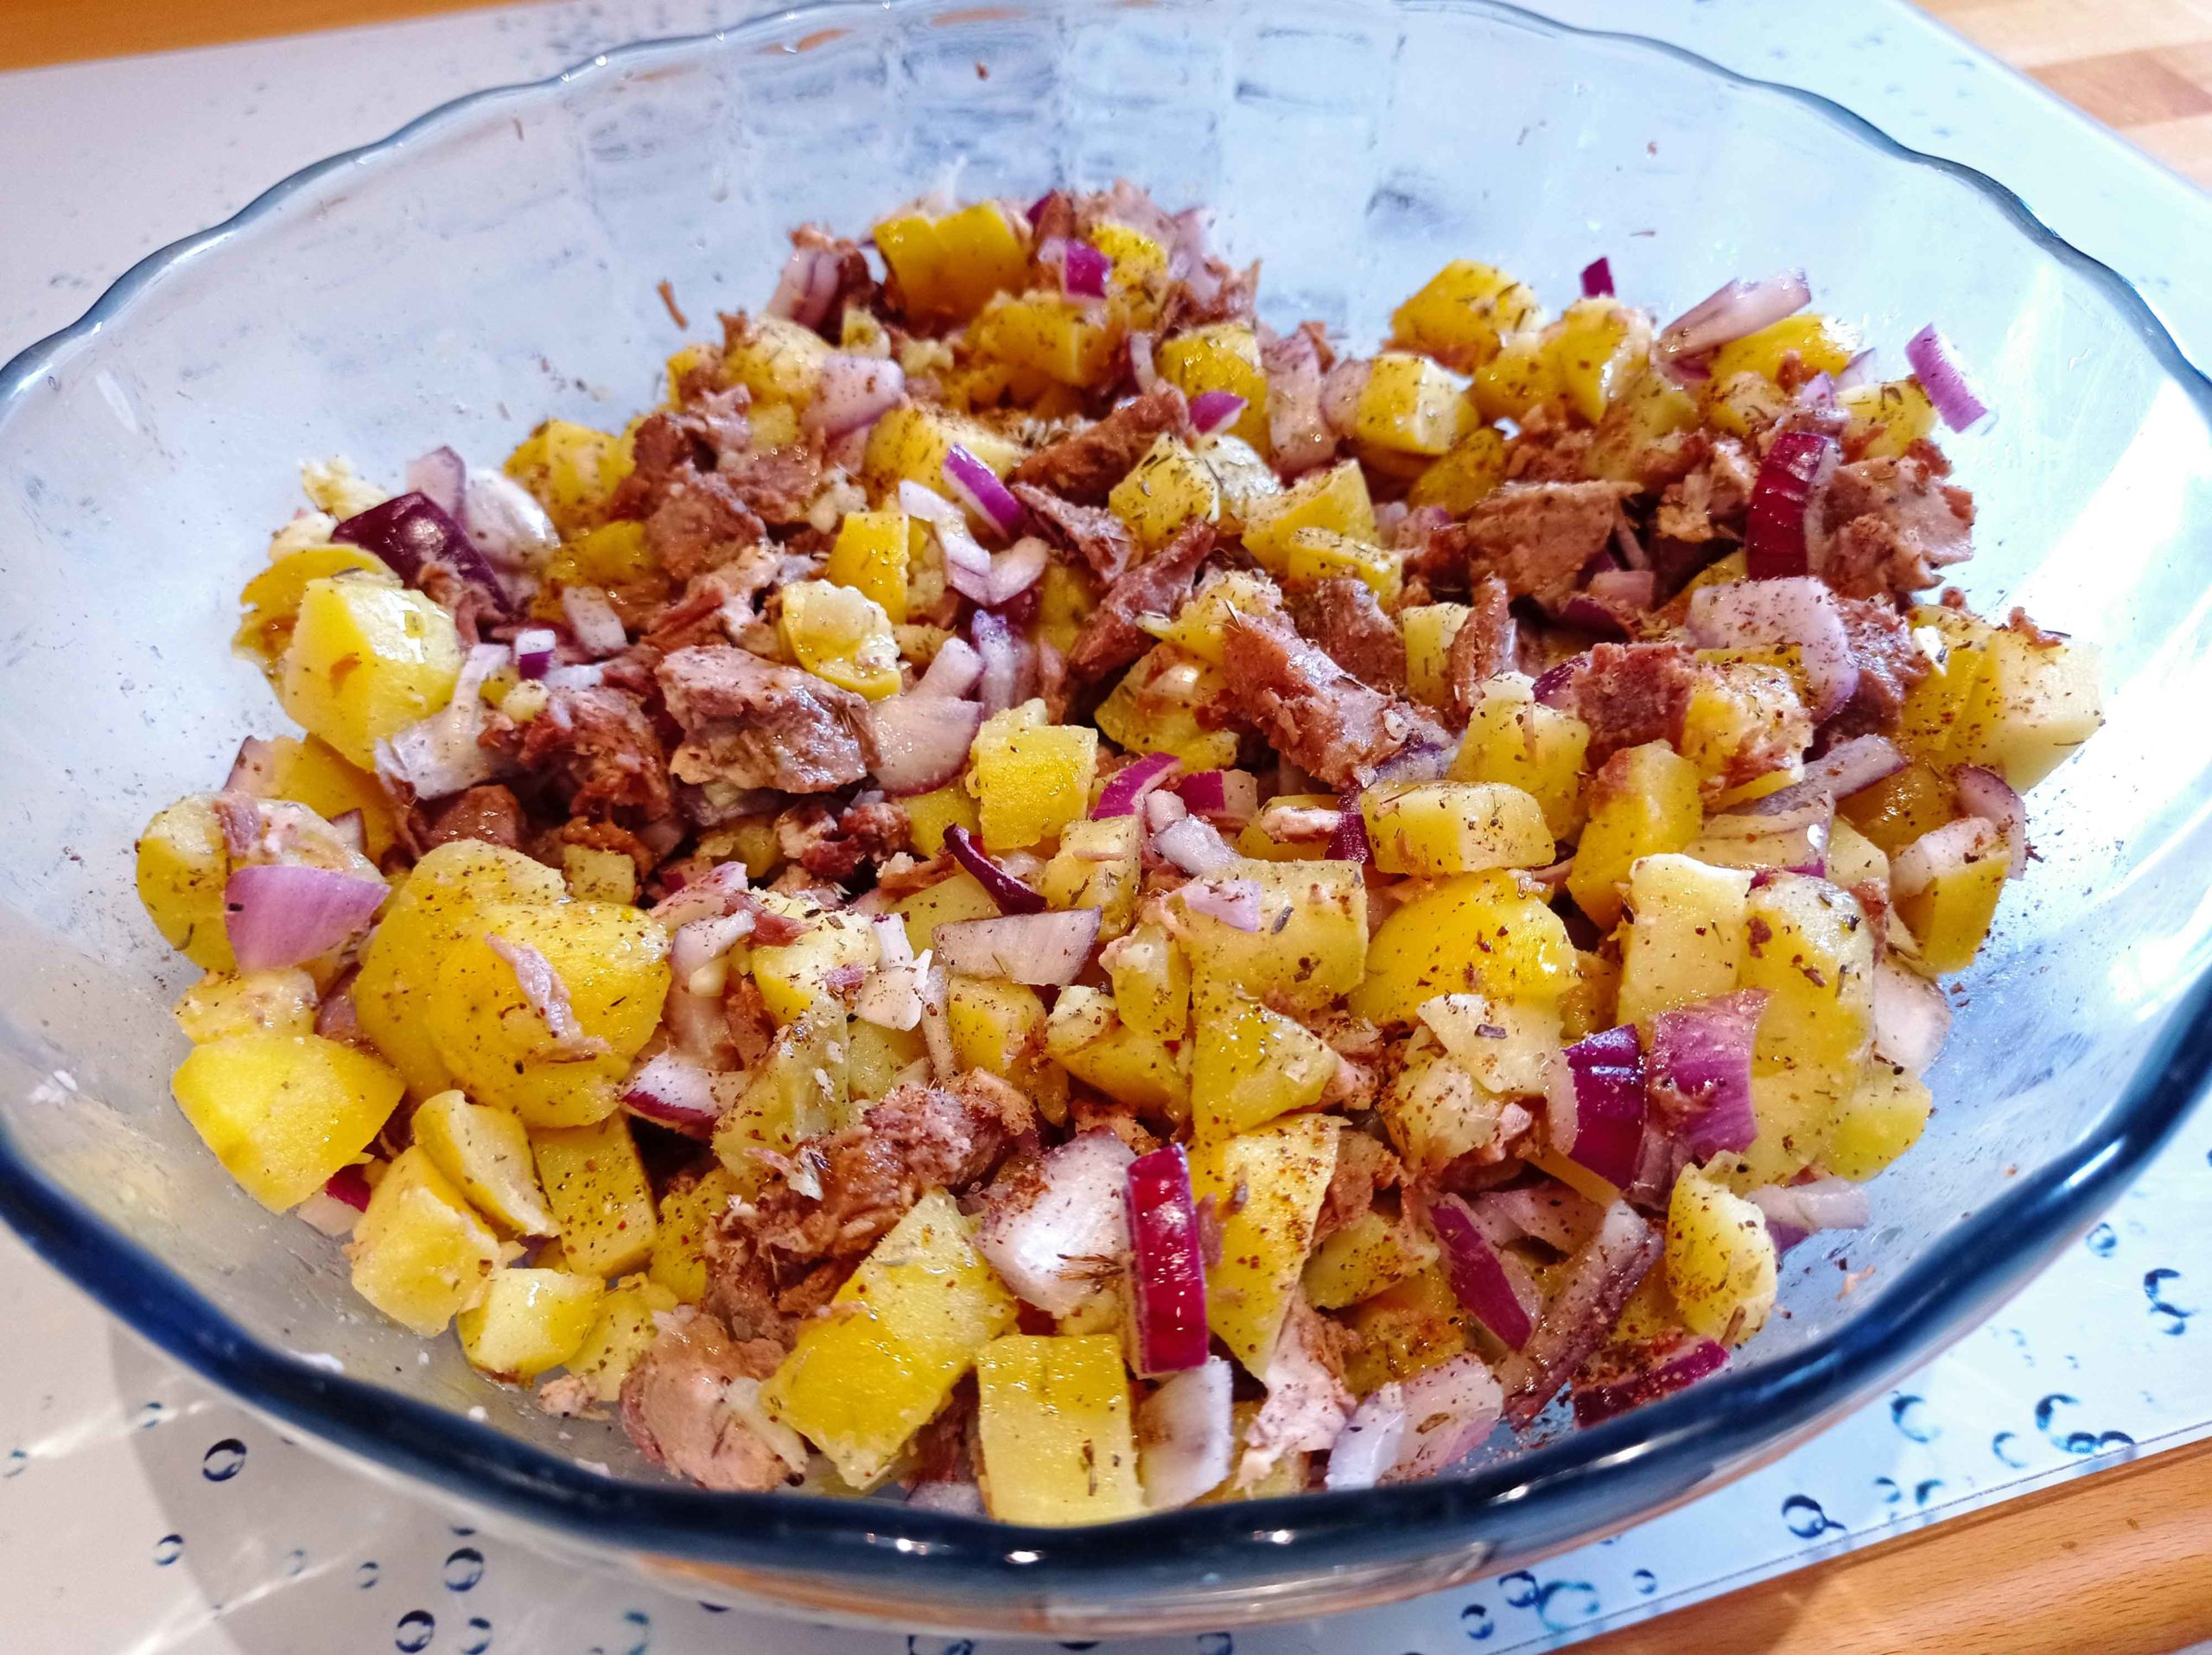 Salade de boeuf cuit